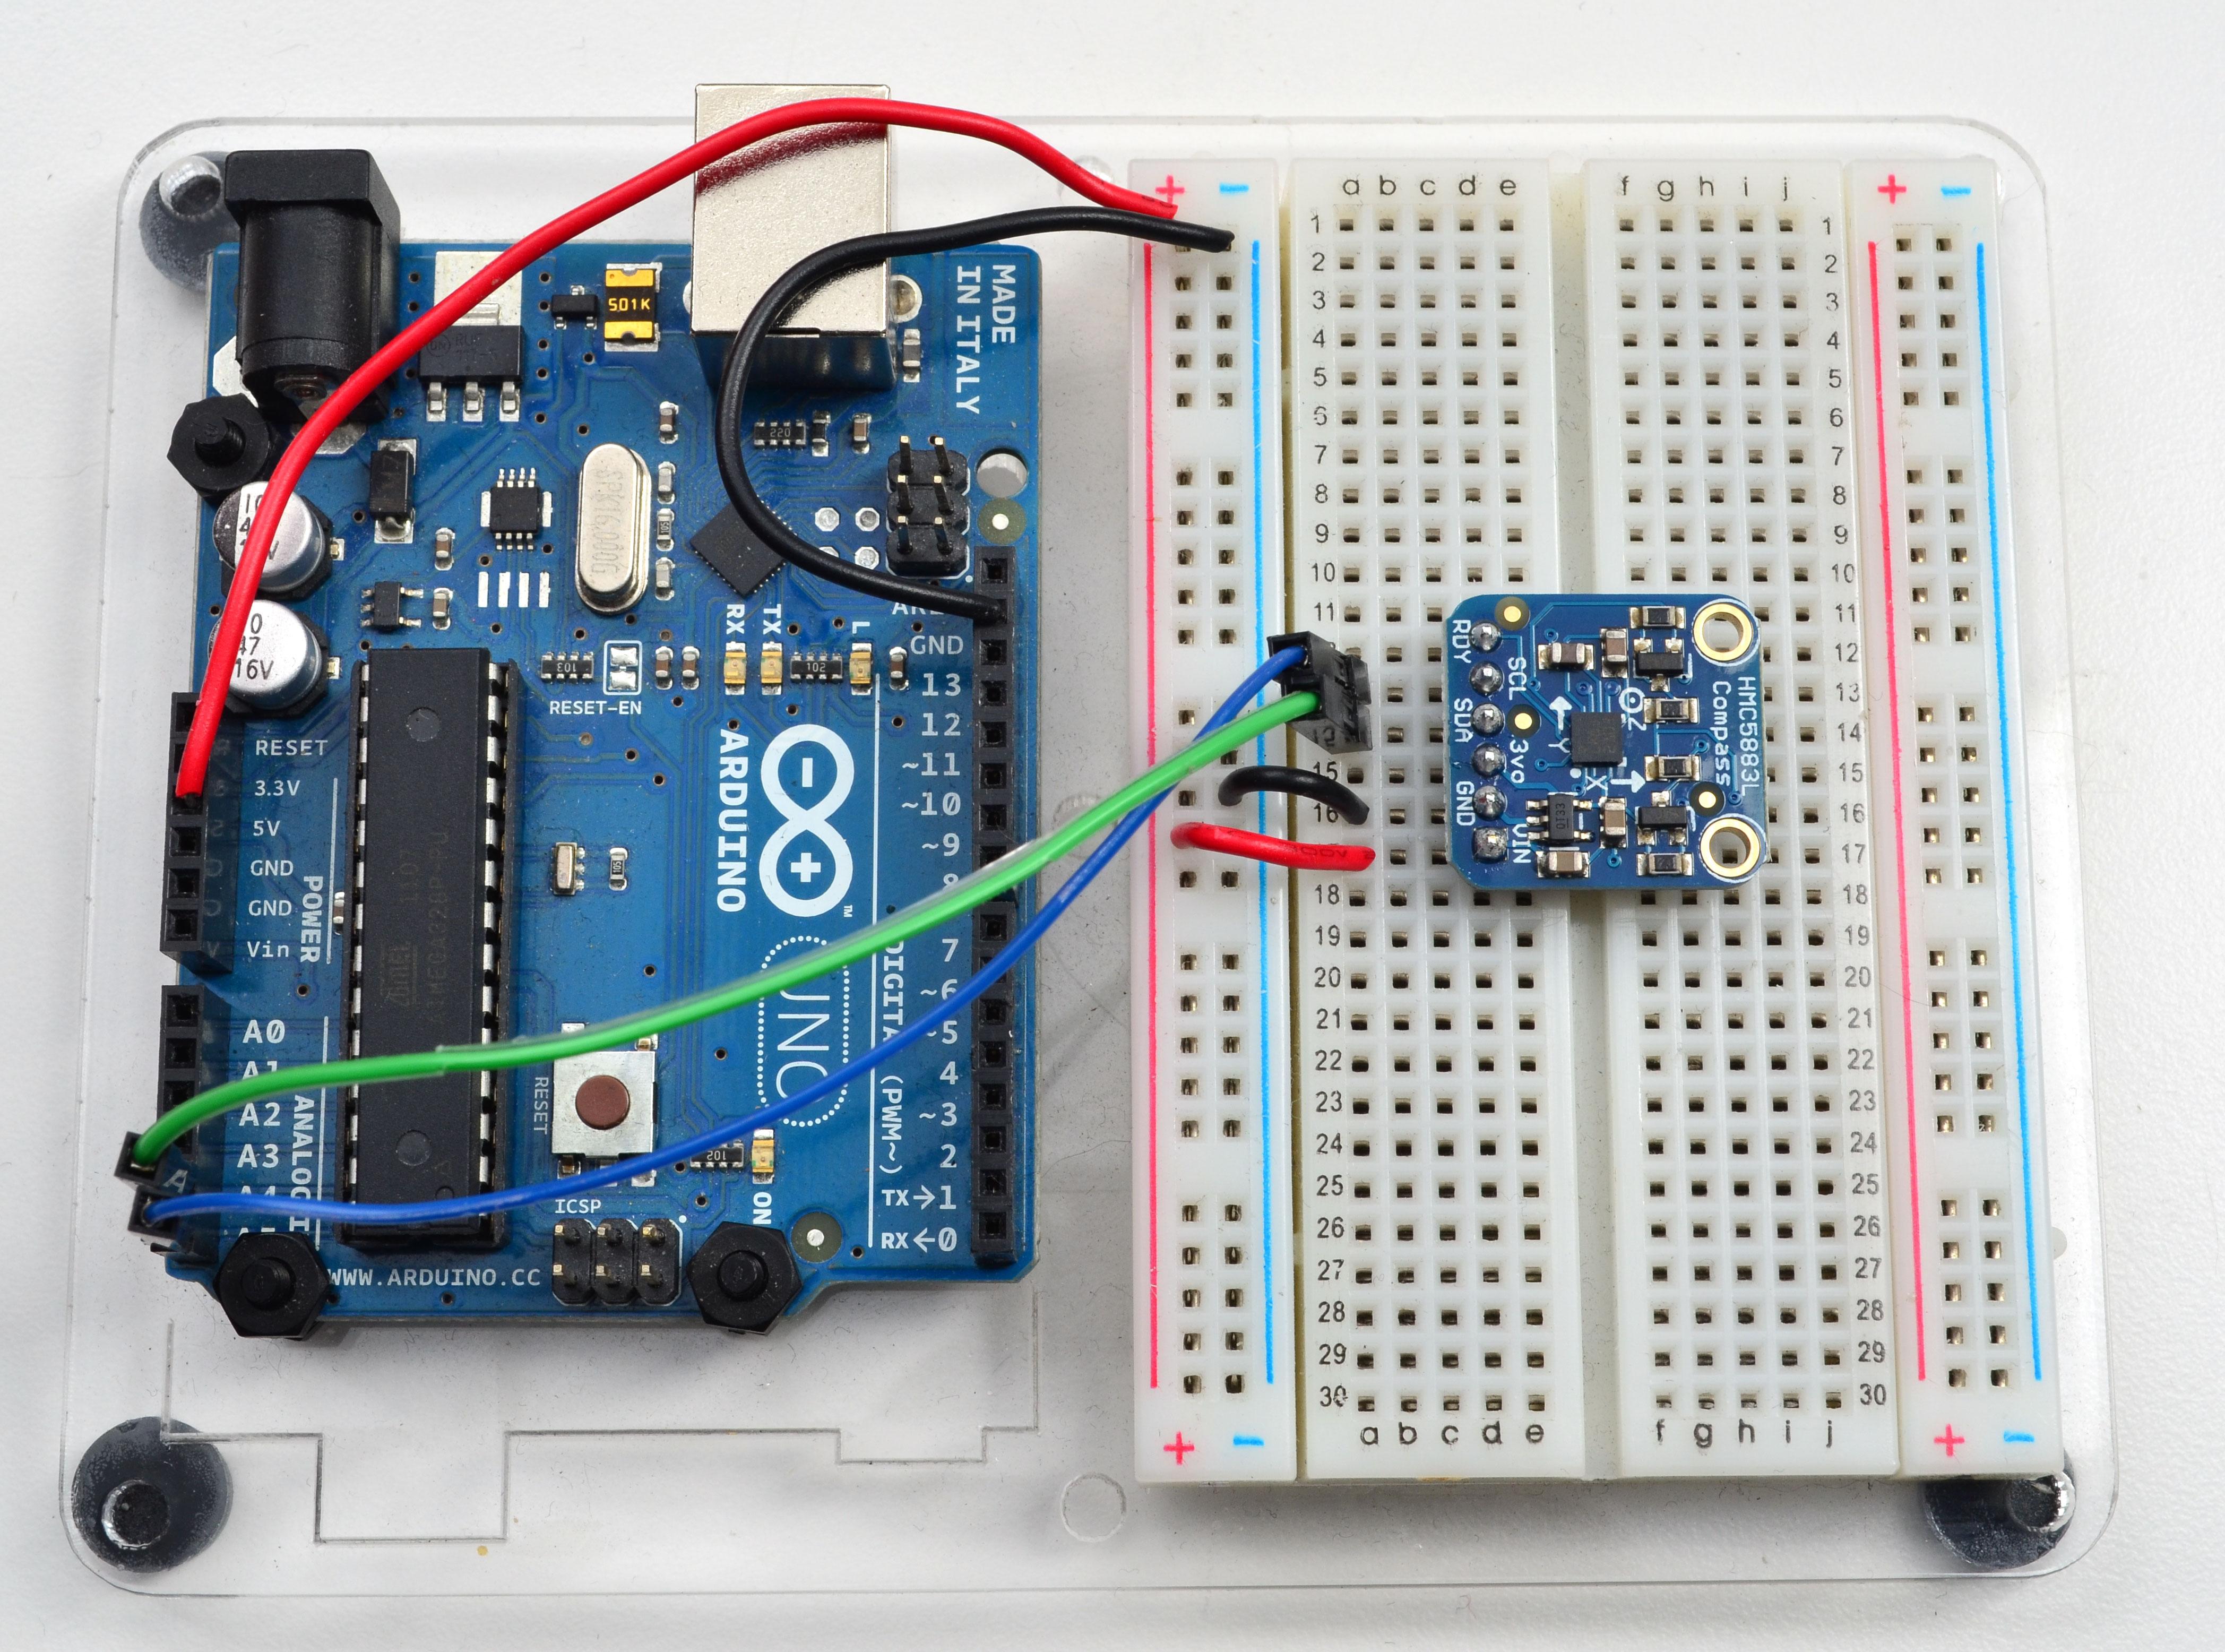 adafruit_products_wiring.jpg